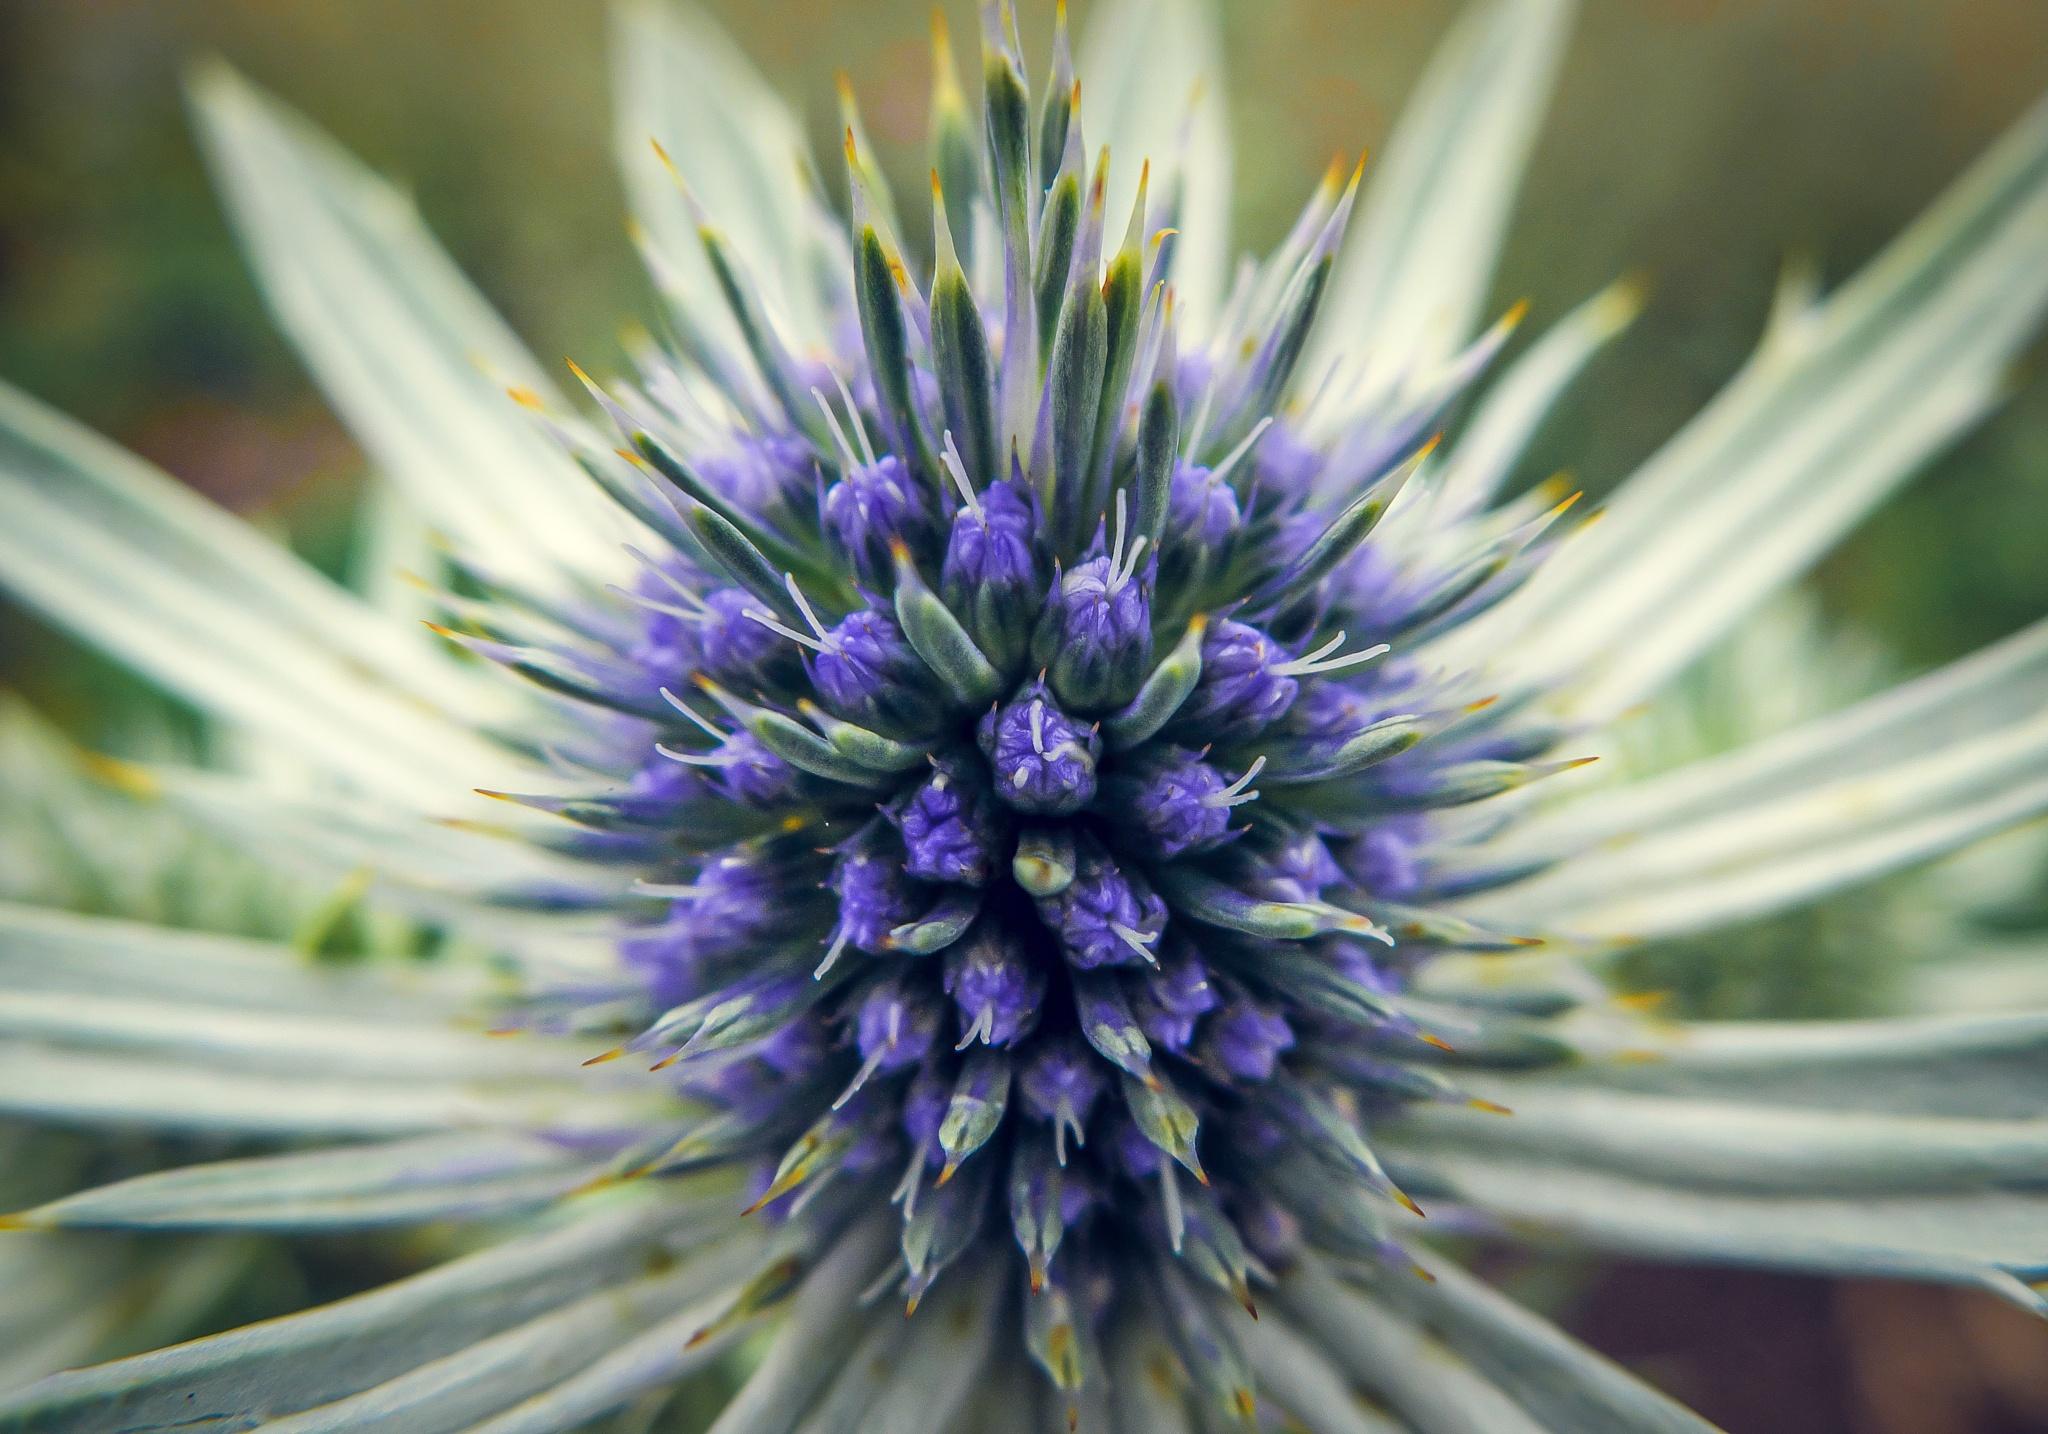 flower by Zoltan Kovacs